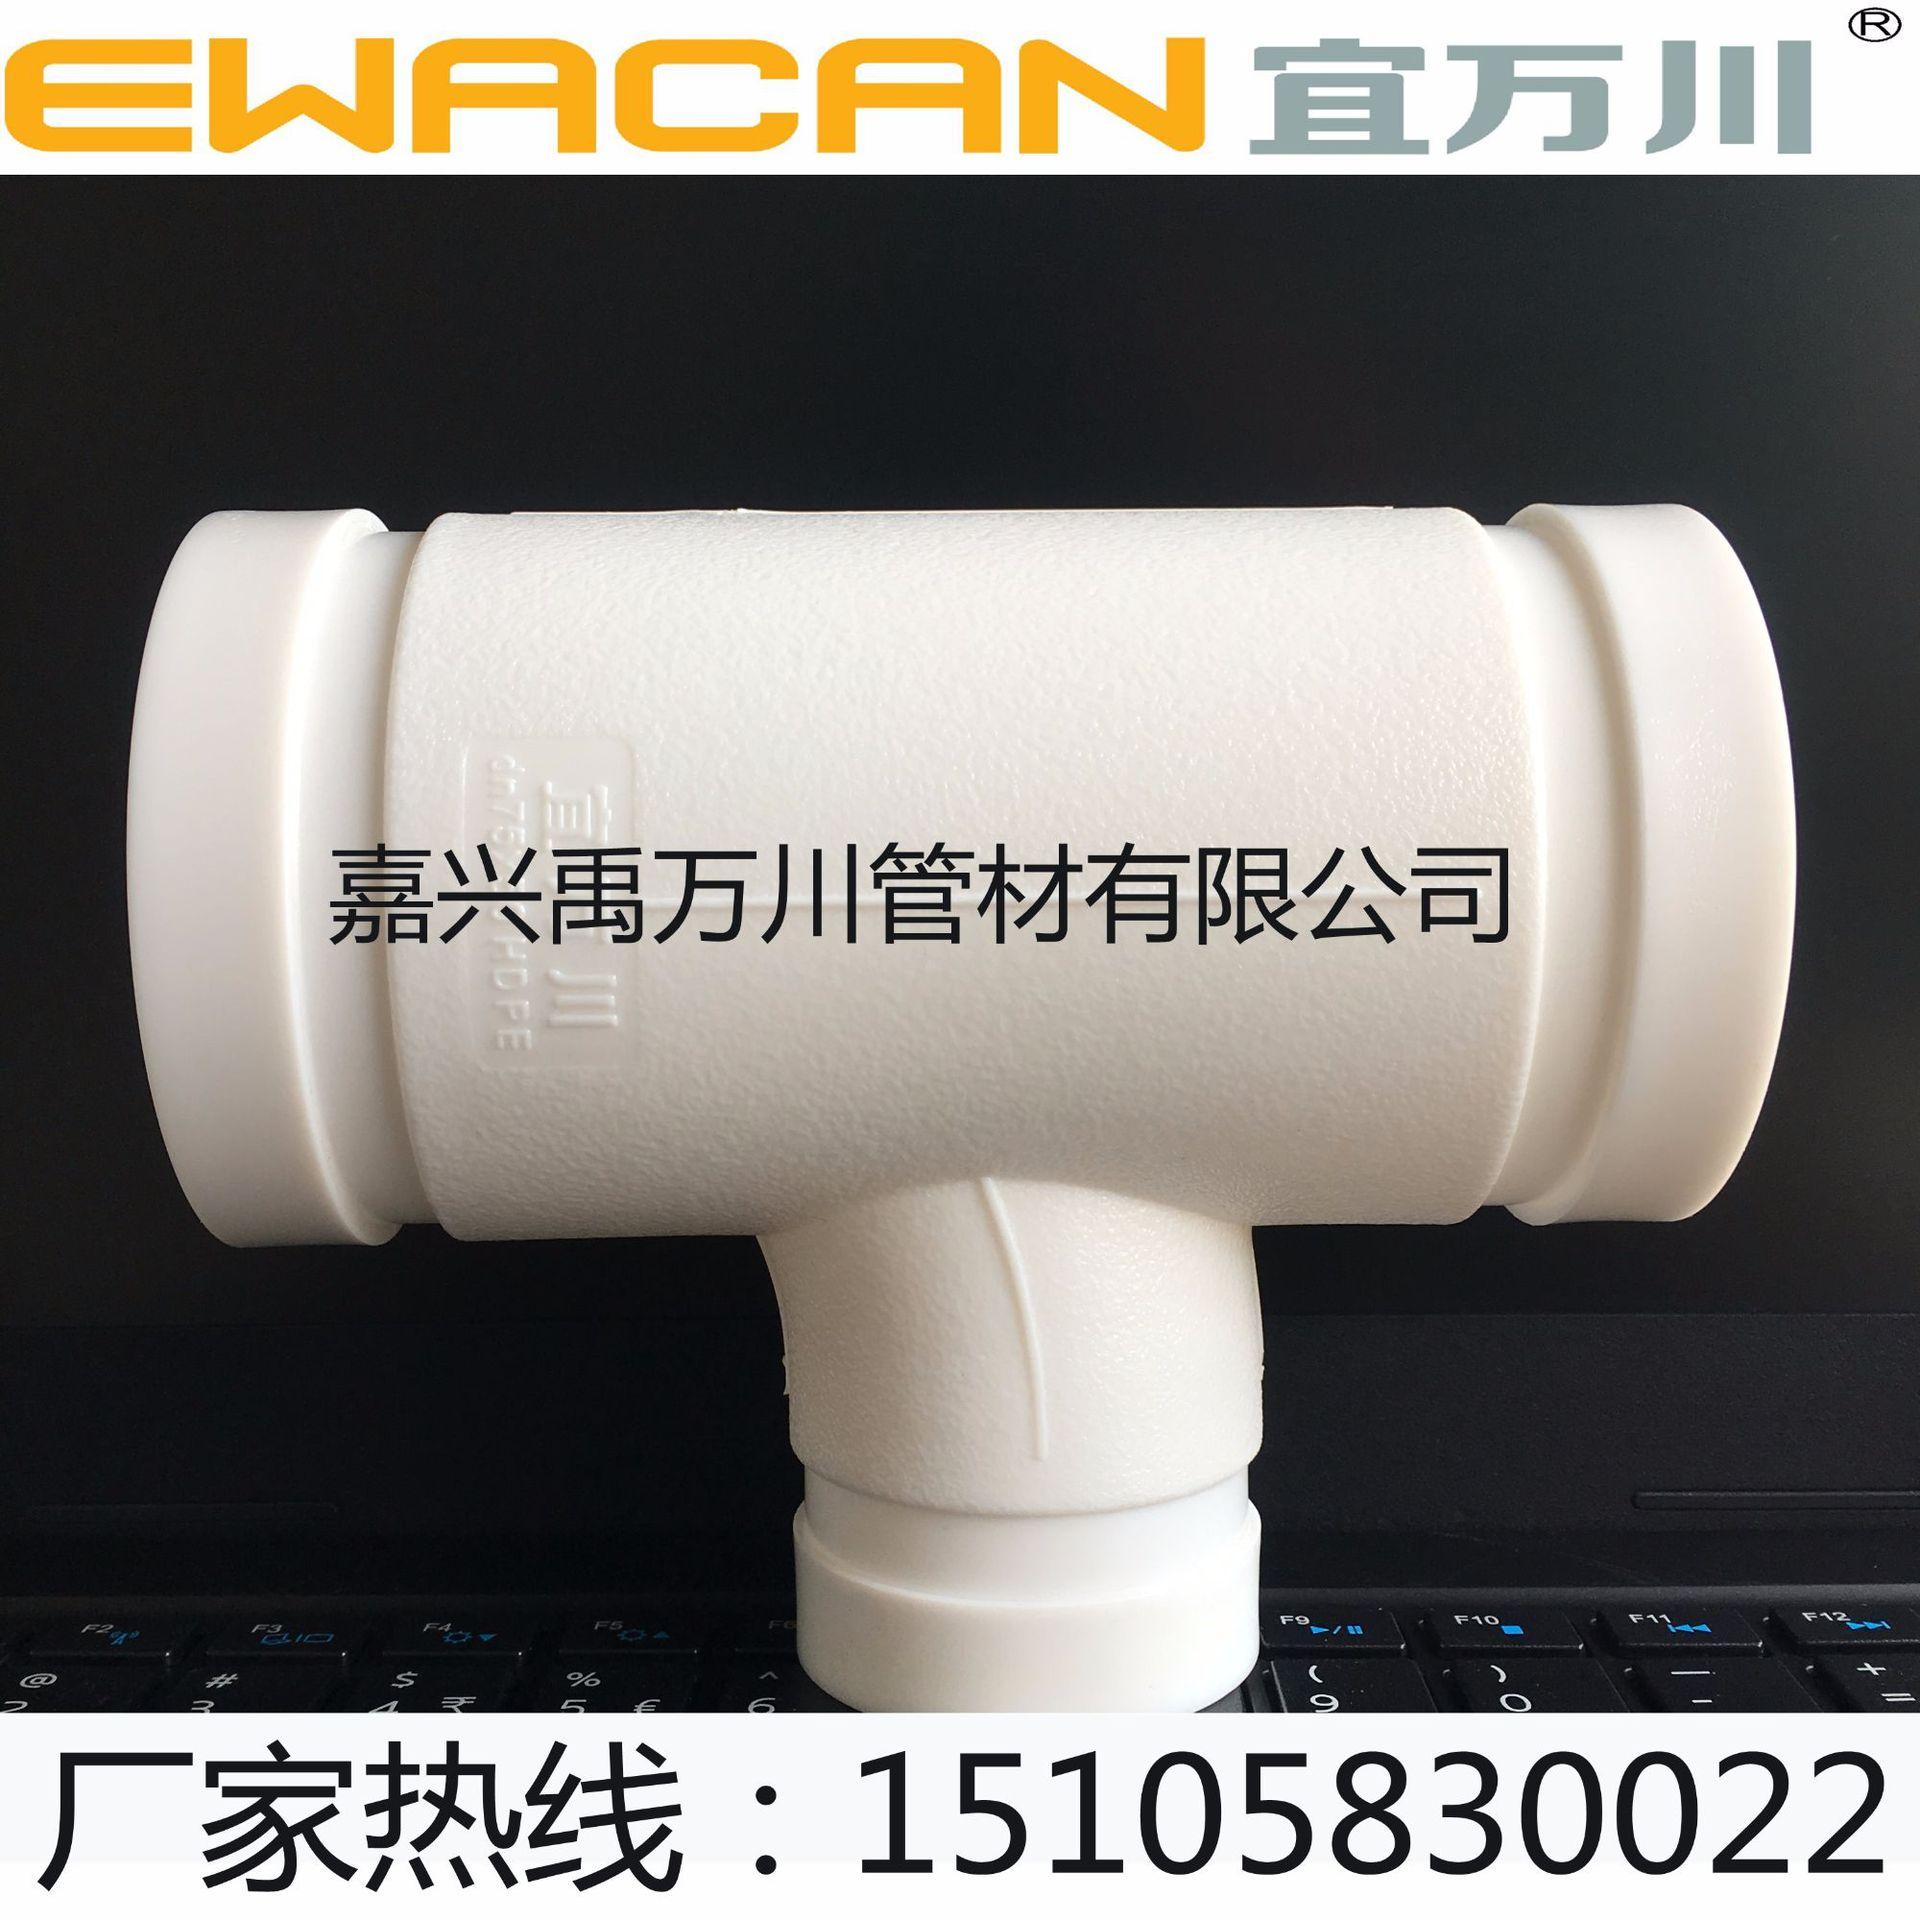 沟槽式HDPE超静音排水管,HDPE沟槽管,PP管,FRPP法兰静音排水管示例图1